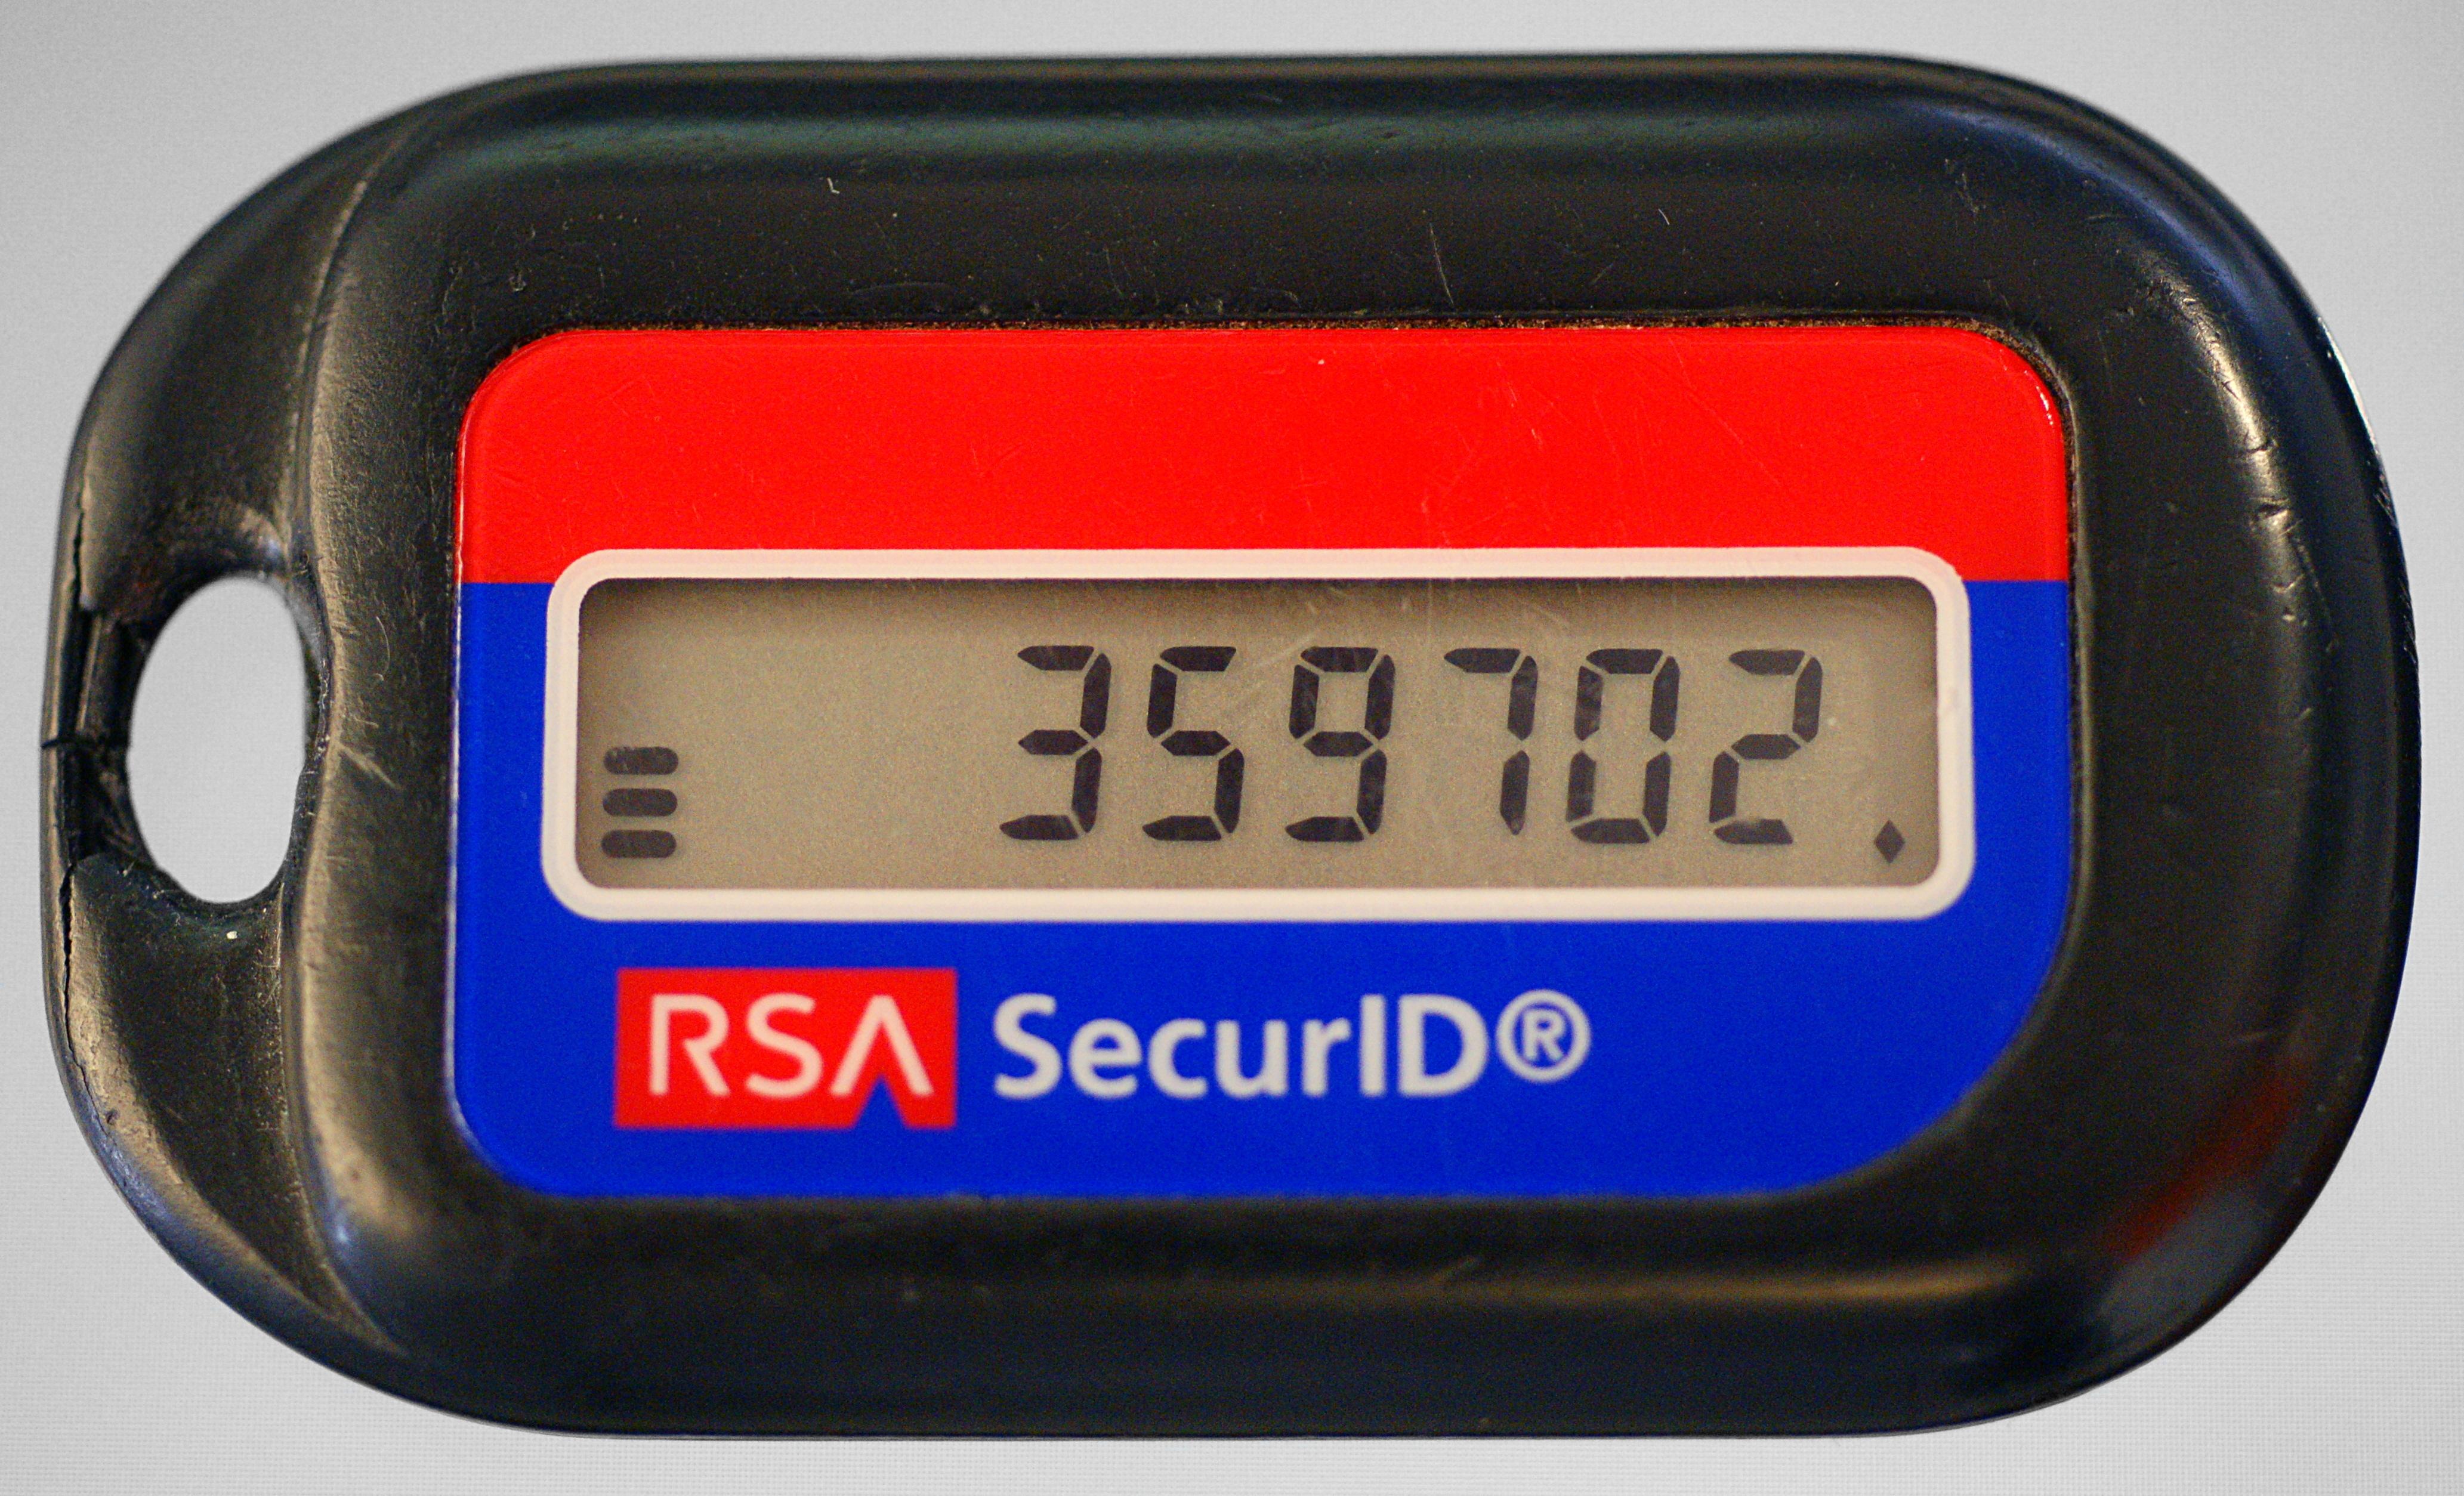 12.02.2012 Комментариев 1. Взлом RSA считается атакой класса Advanced